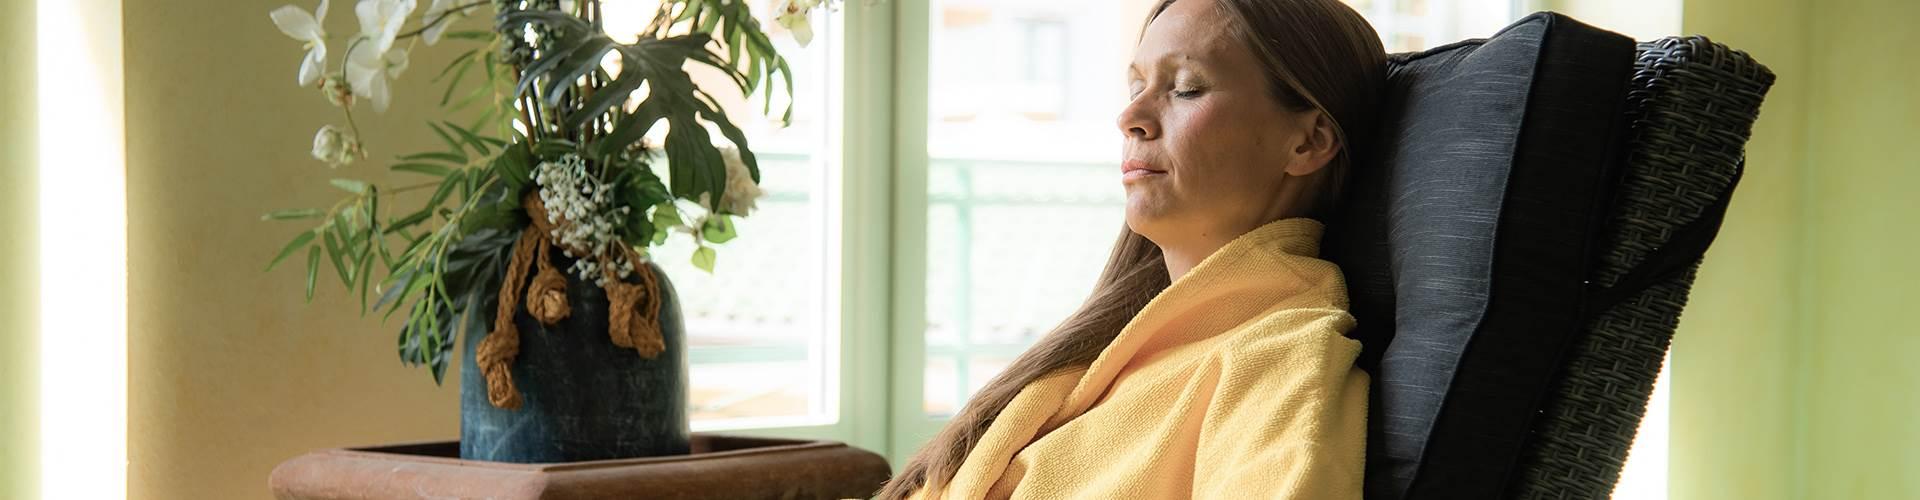 Frau in gelbem Bademantel entspannt auf einem Stuhl